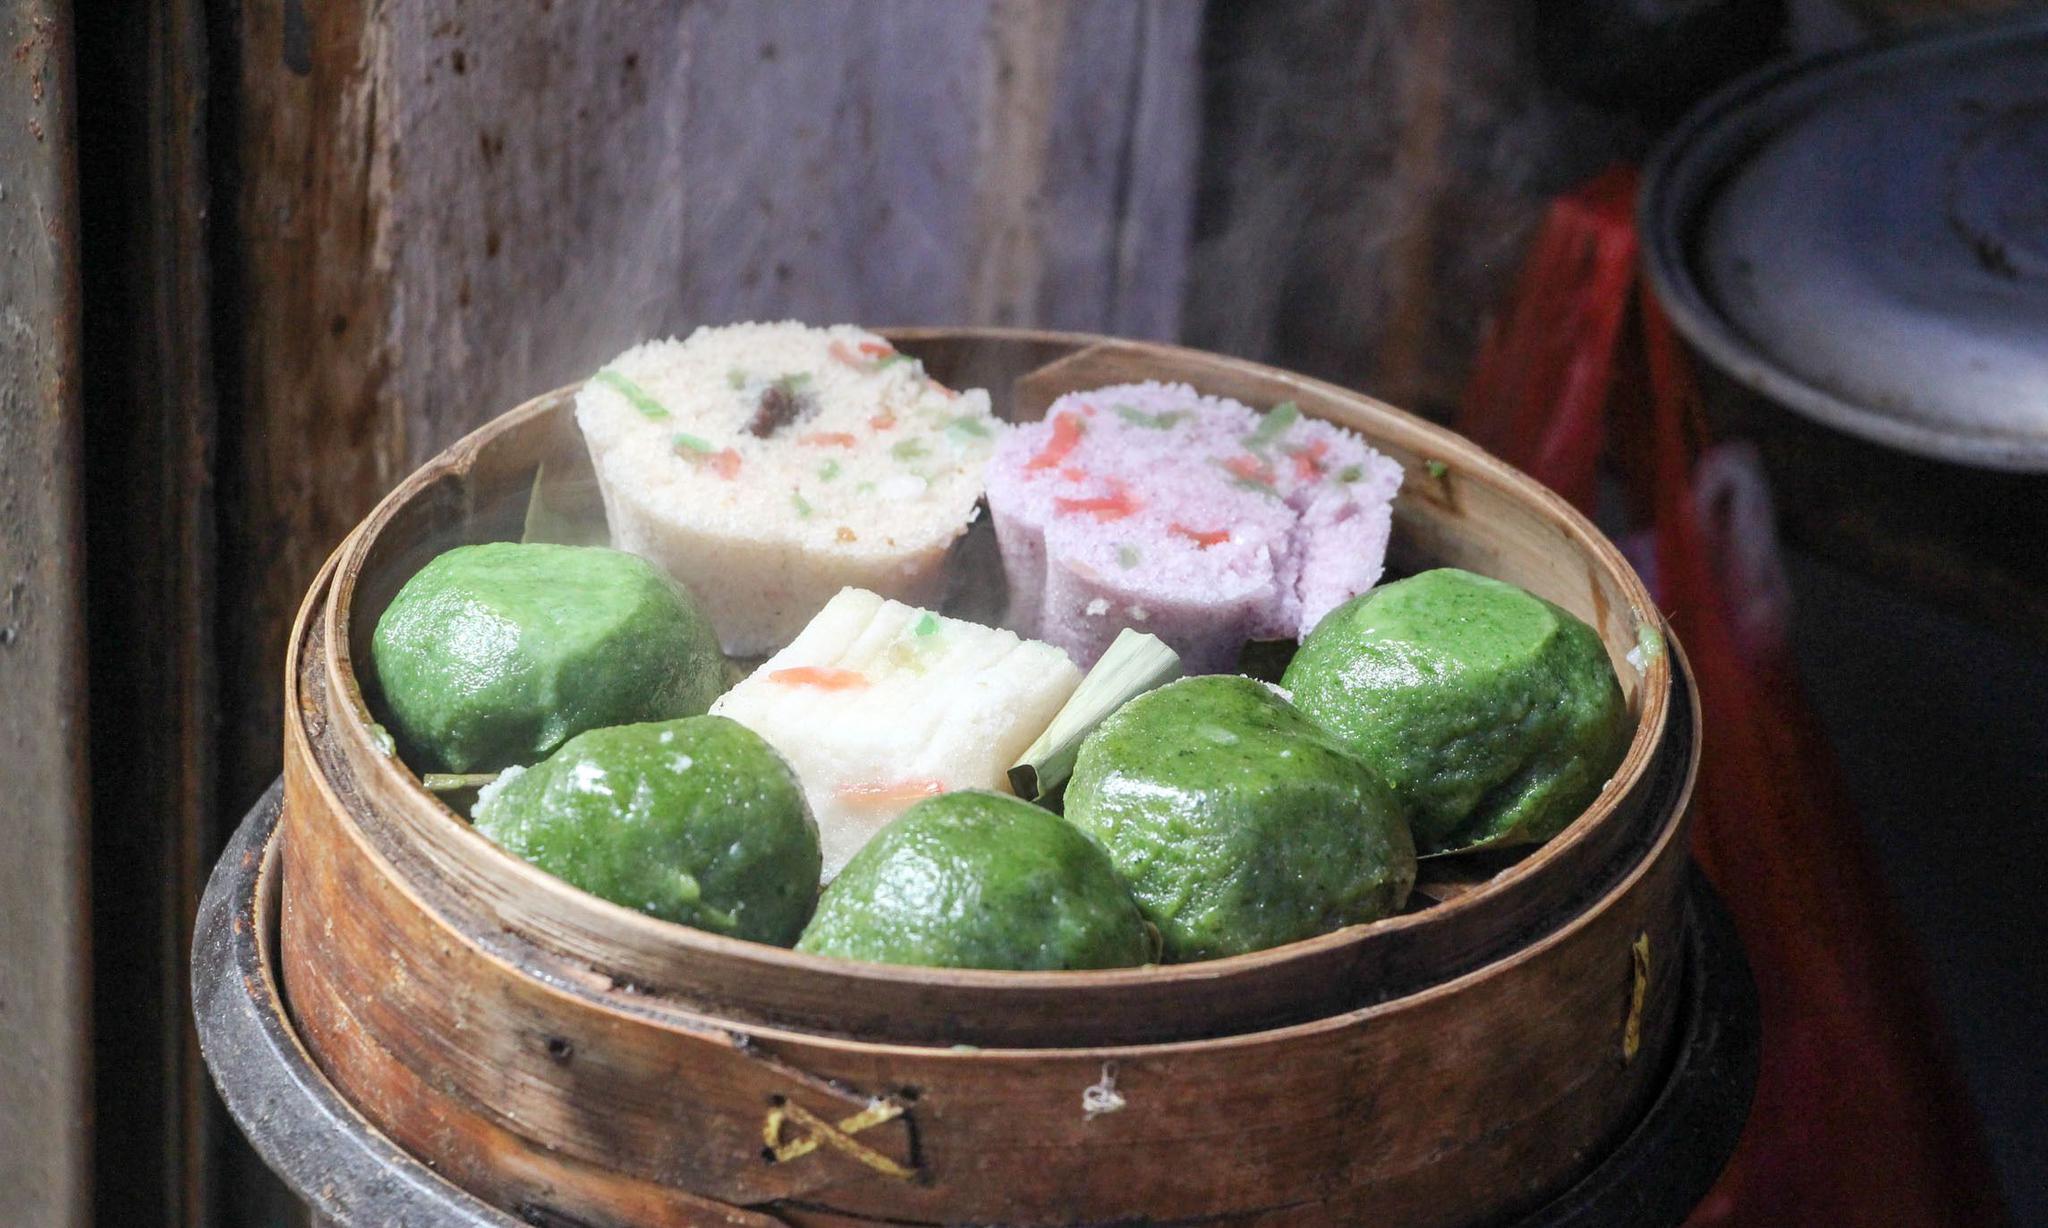 清明食物不止网红青团 青岛潮汕湖州最有个性 全国各地大不同